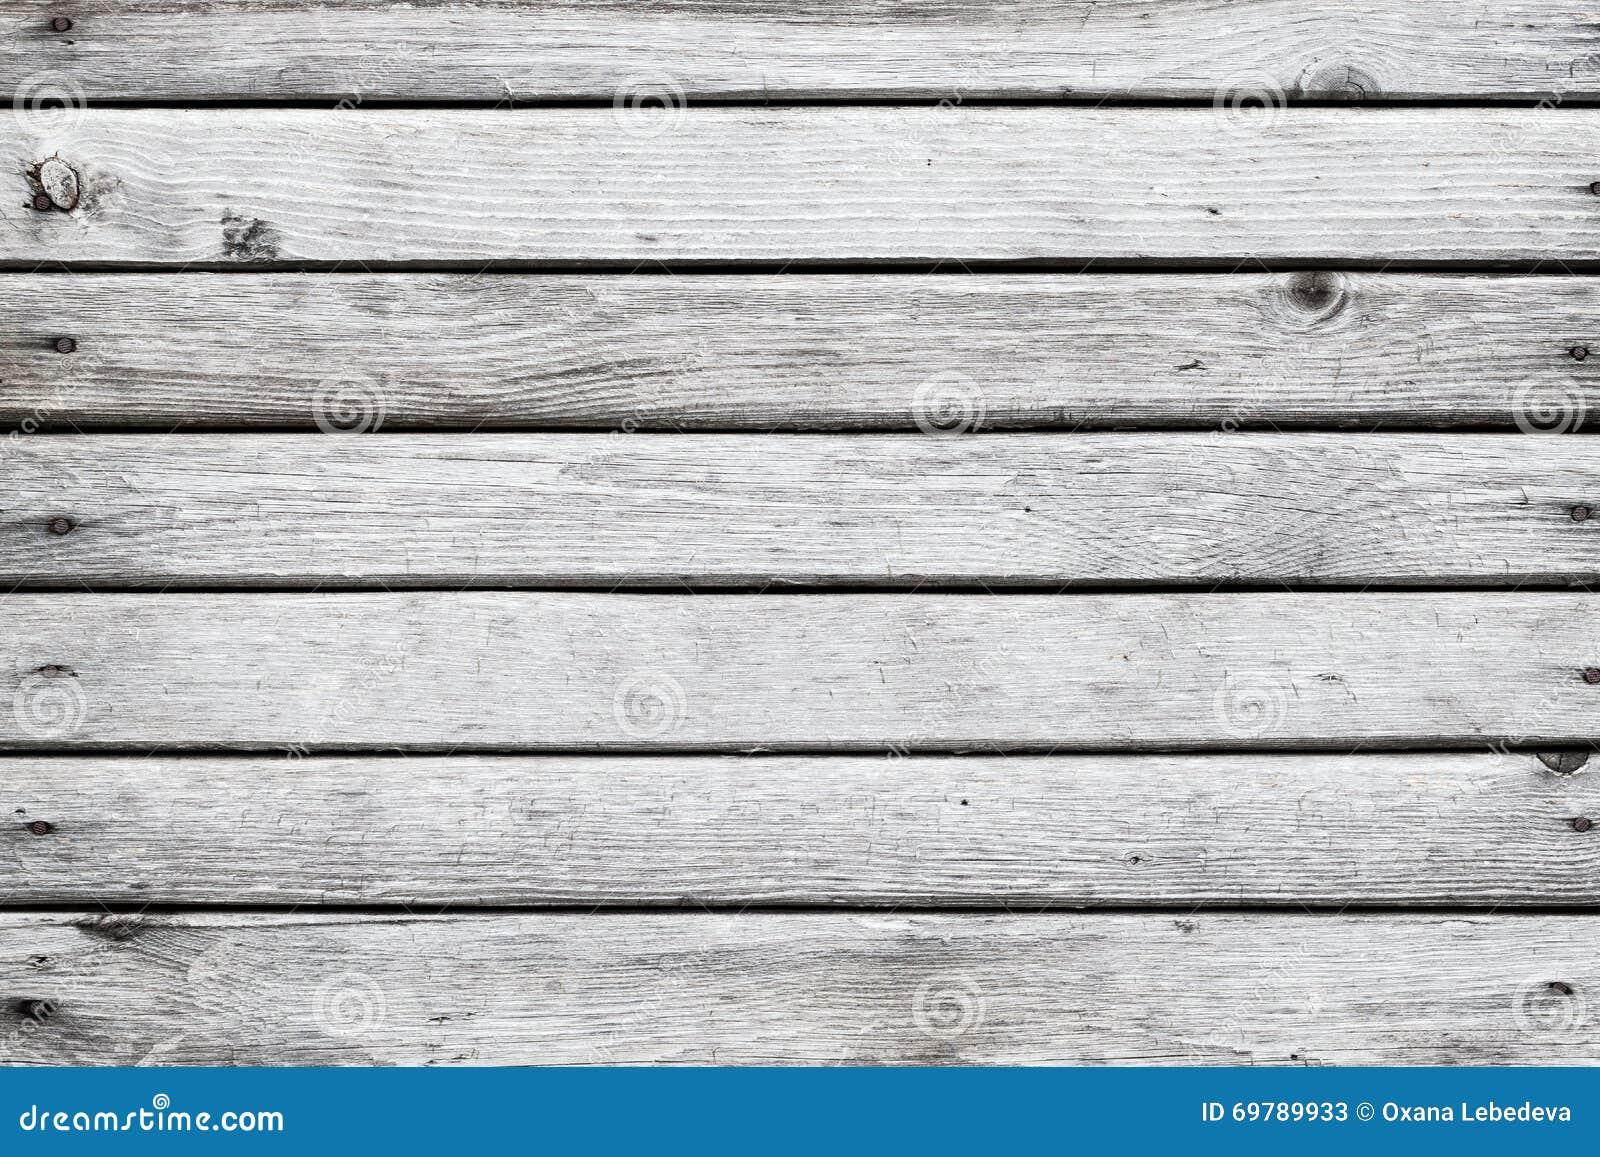 worn painted wood slats stock image image of white plank 69789933